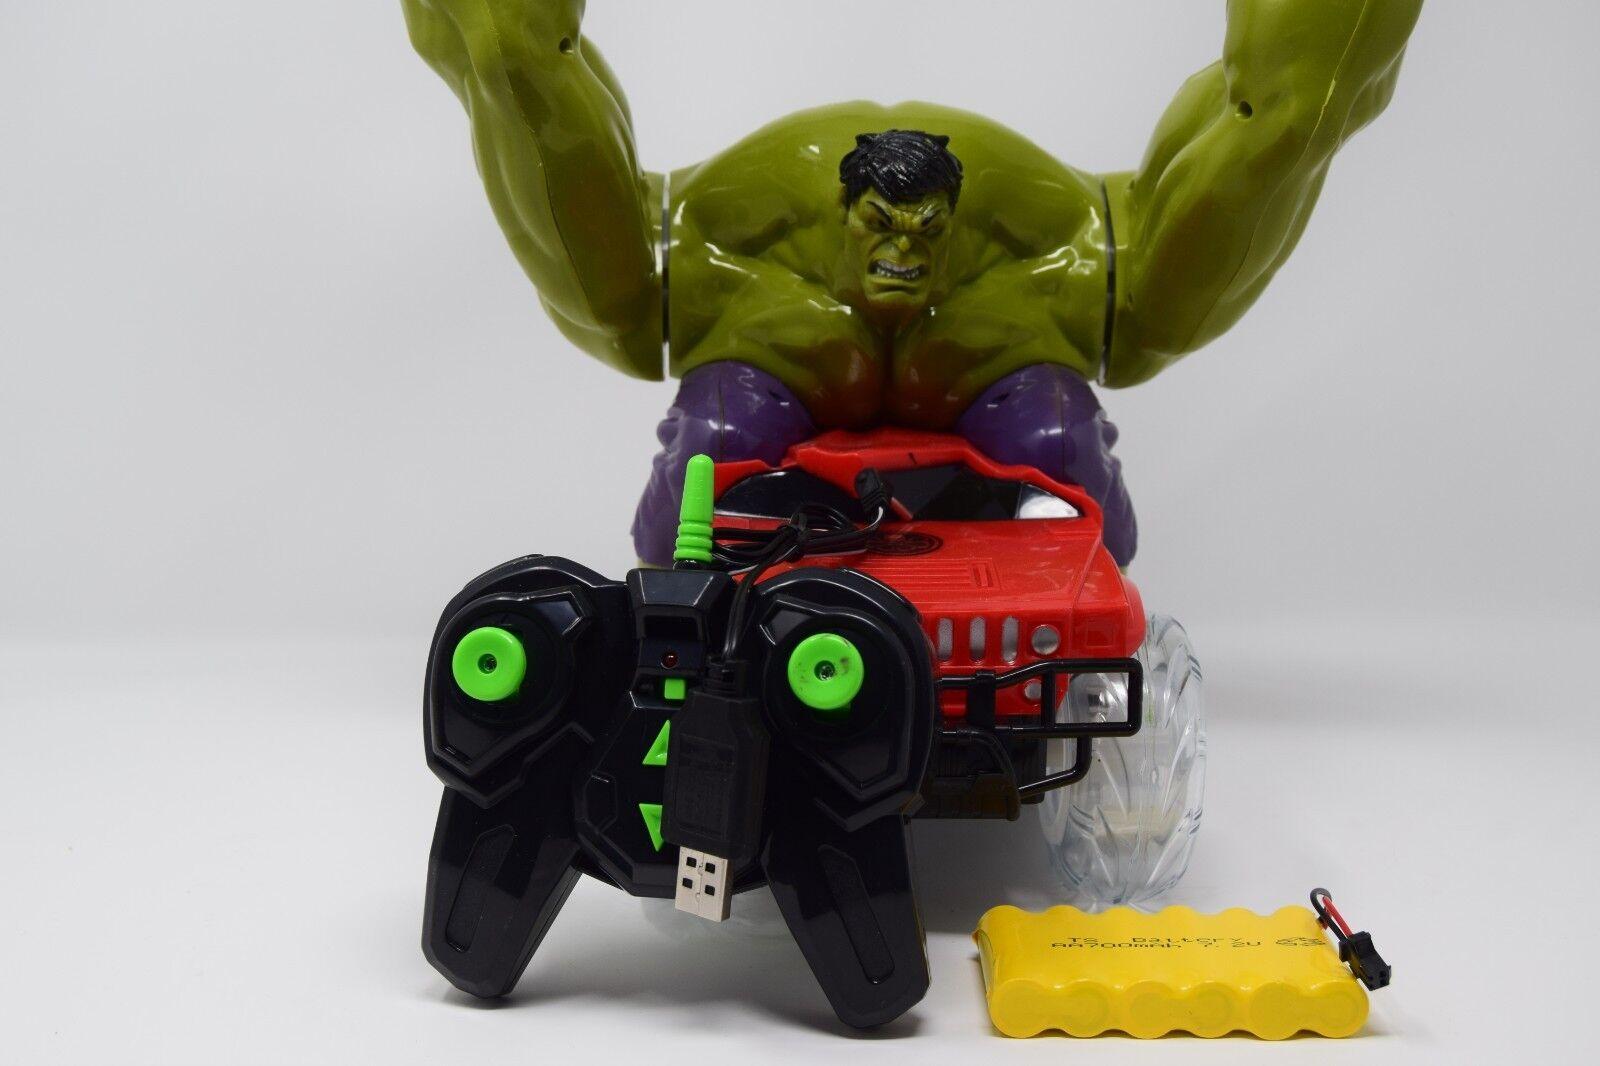 2.4ghz Hulk Dumper Stunt Radio Remote Control - Lights & Movie Sound Effect